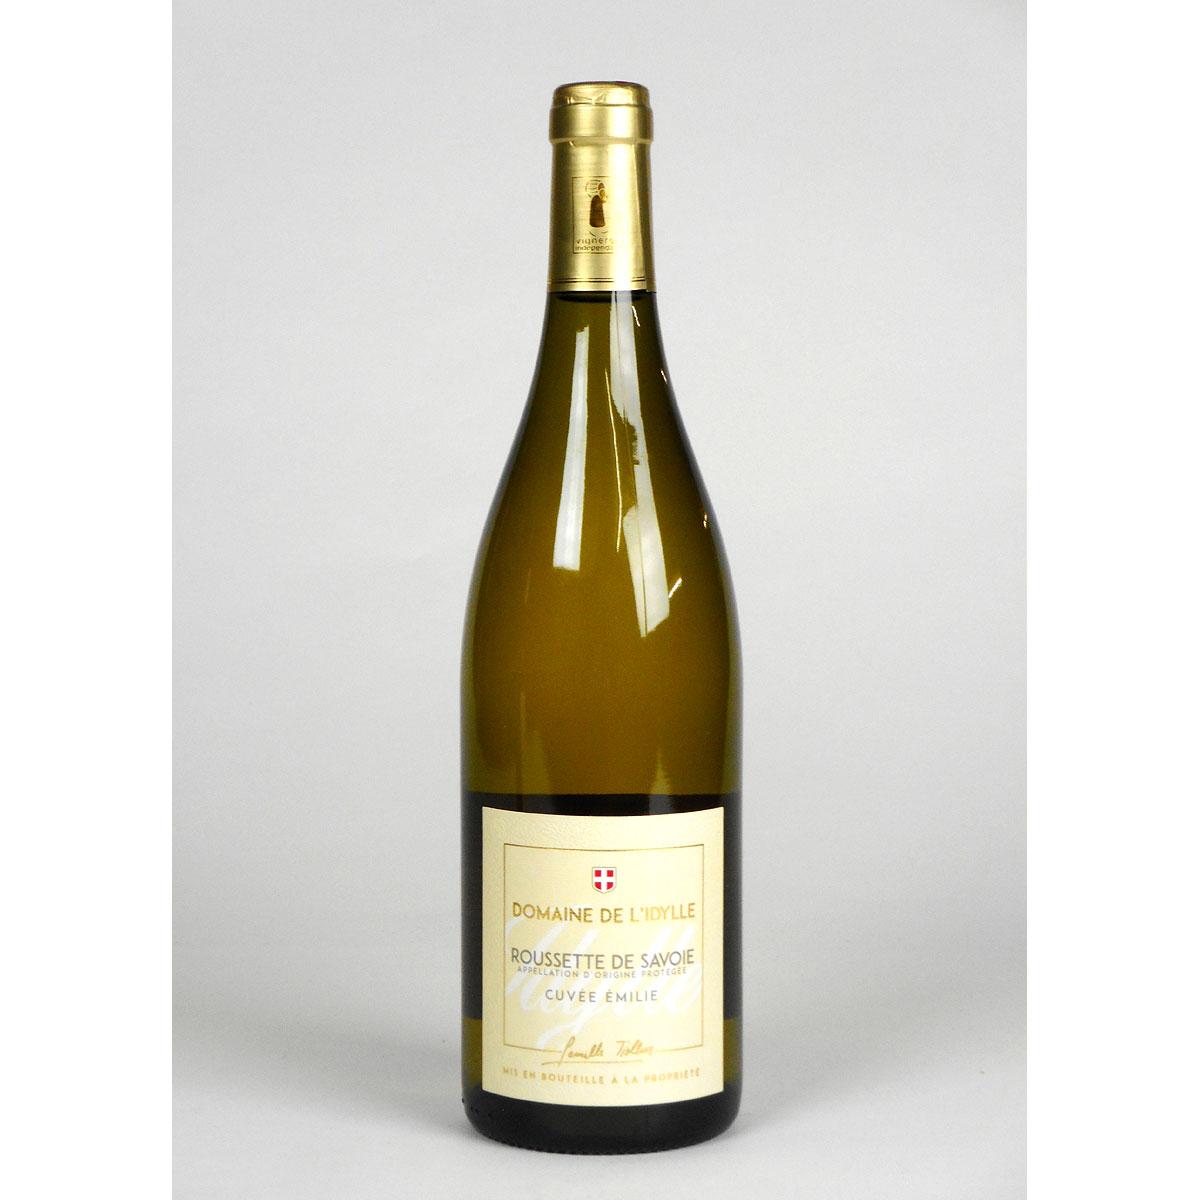 Savoie: Domaine de L'Idylle 'Cuvée Emilie' Roussette 2018 - Bottle